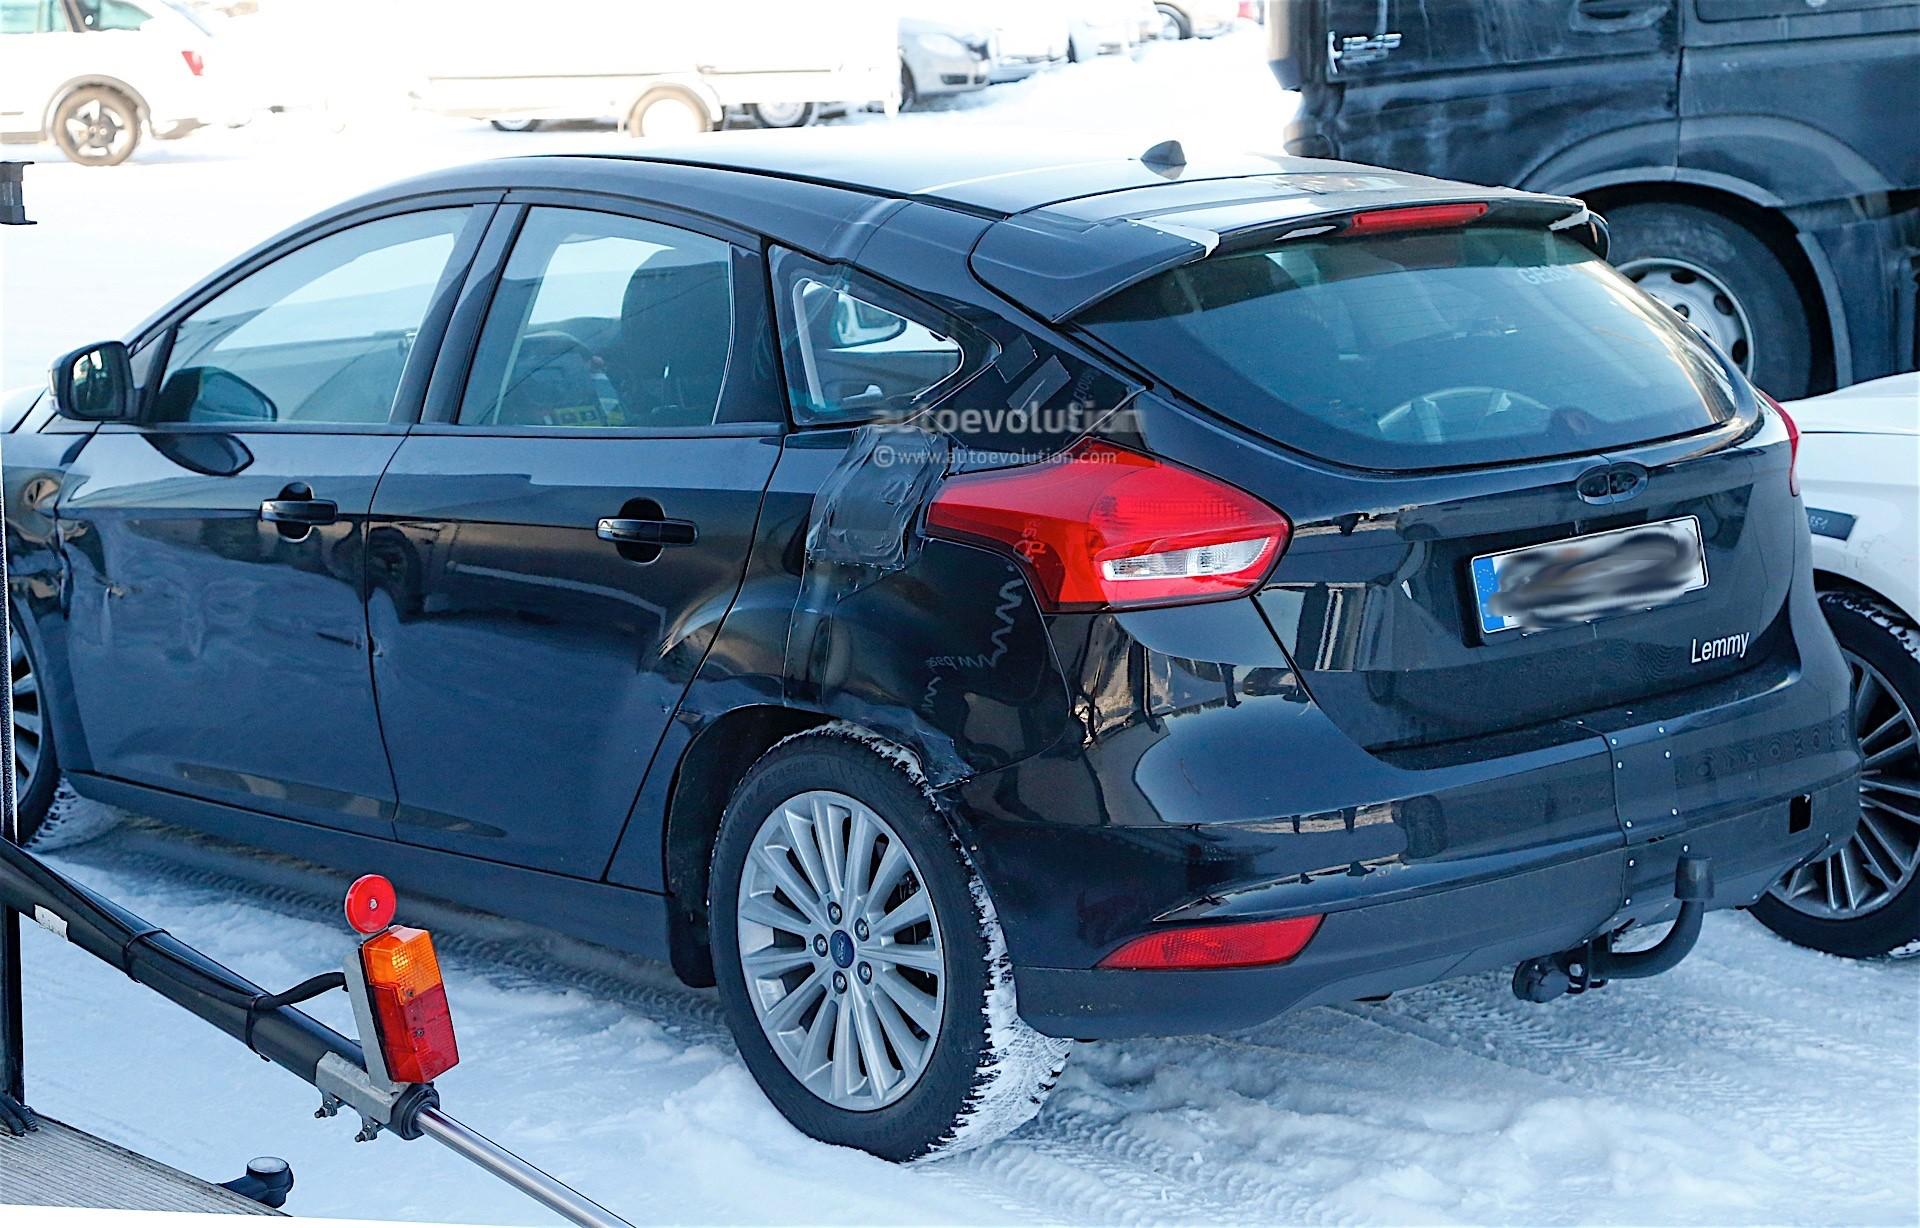 Ford Focus Mk4 Mule Spied Testing